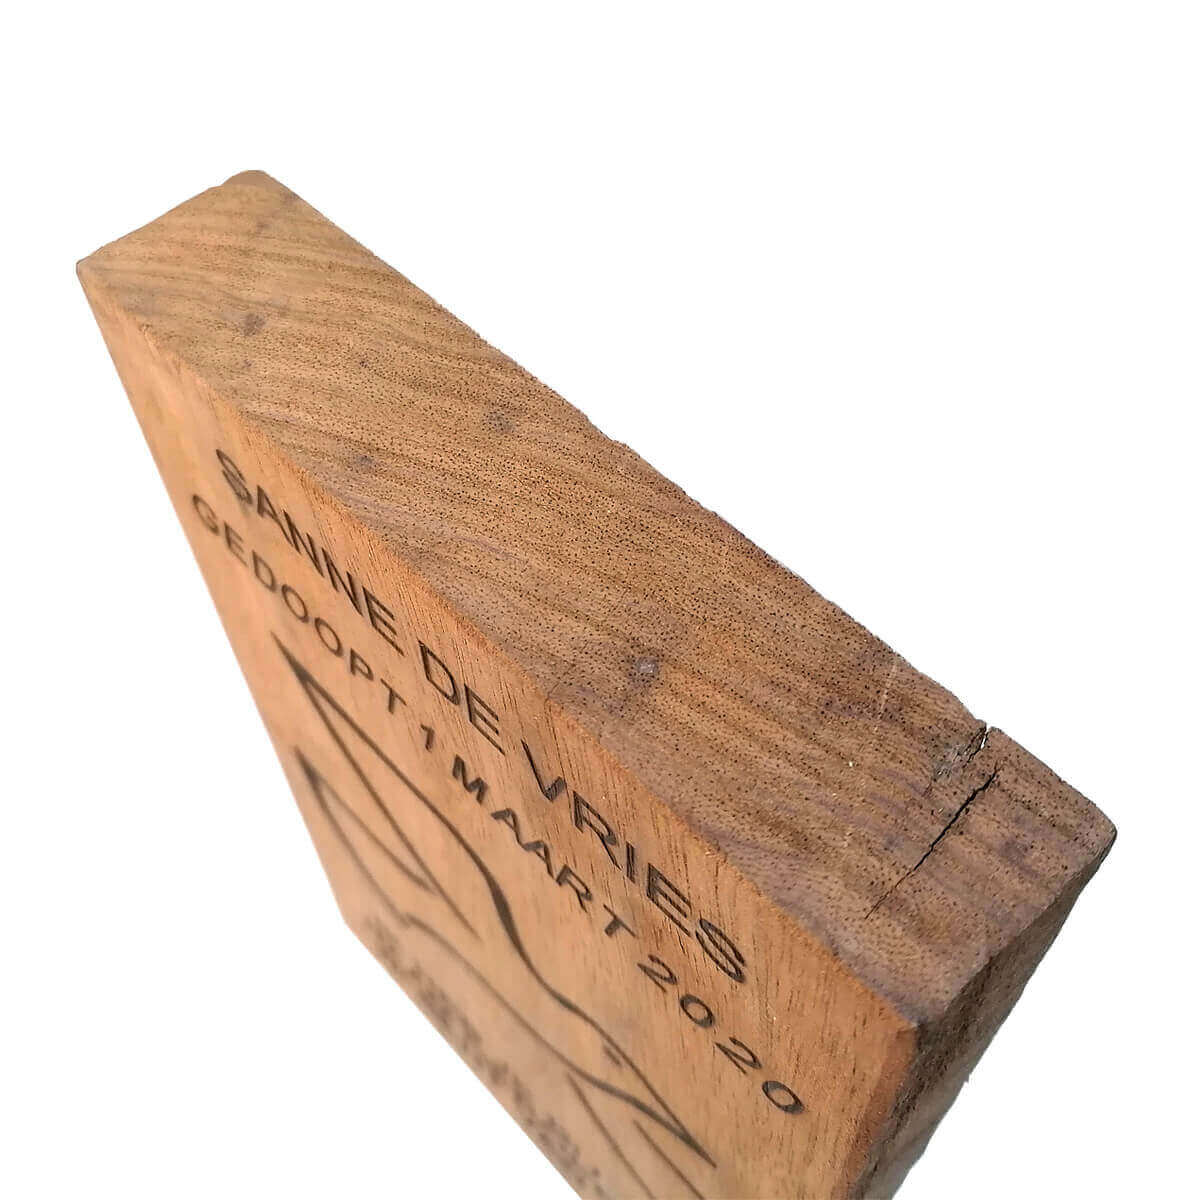 Christelijke doopbord van vintage robuust douglas hout, kan staan en hangen